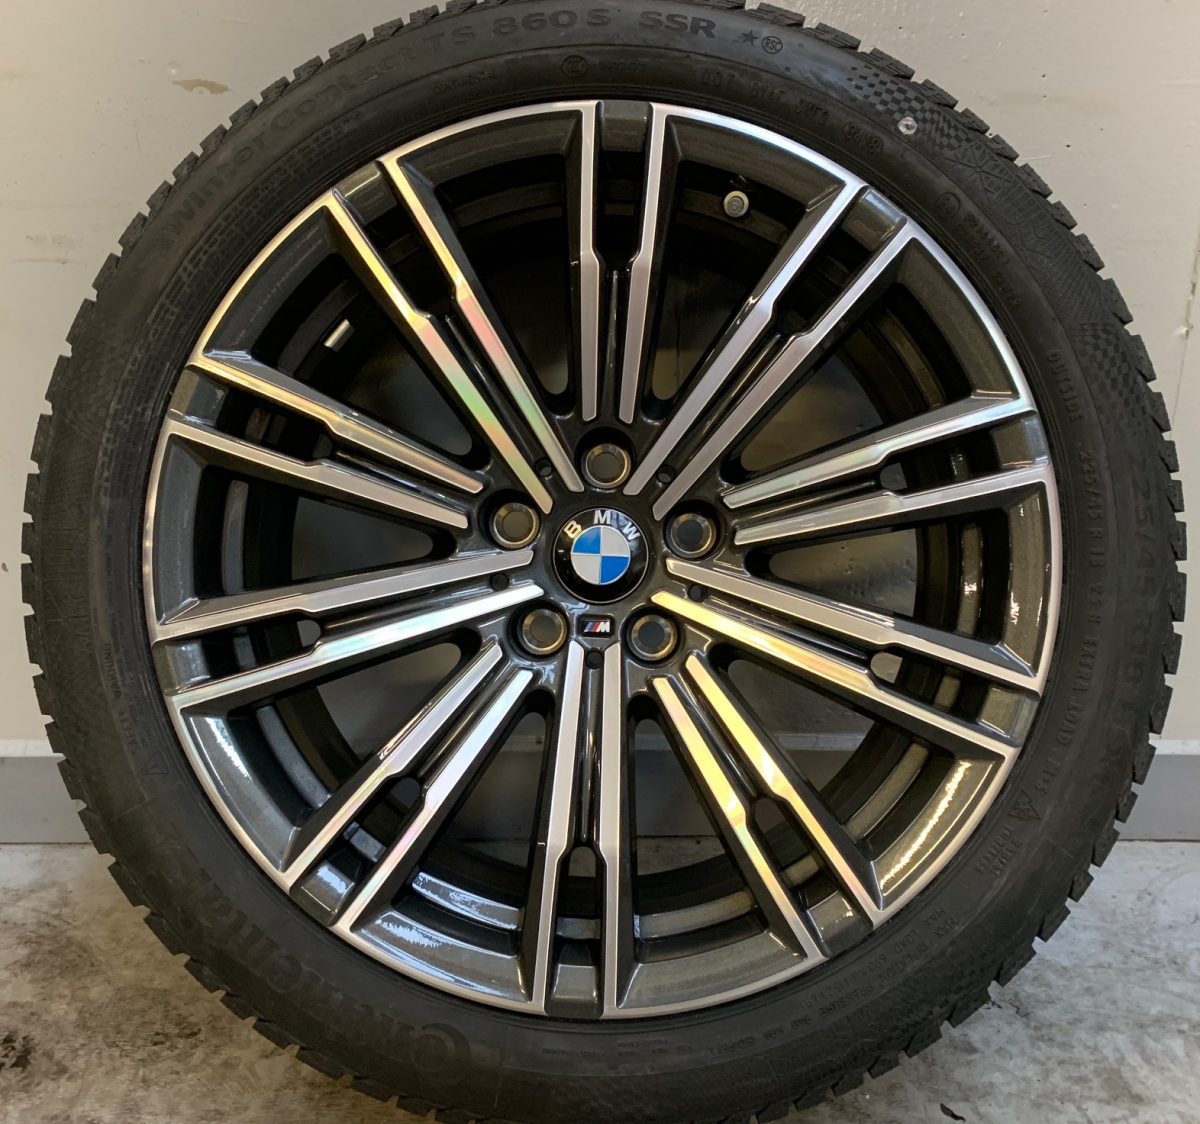 Gyári alufelni BMW G20 (790M styl) 7,5X18 alufelni új téli garnitúra! Continental gumikkal,nyomásszenzorral! 1